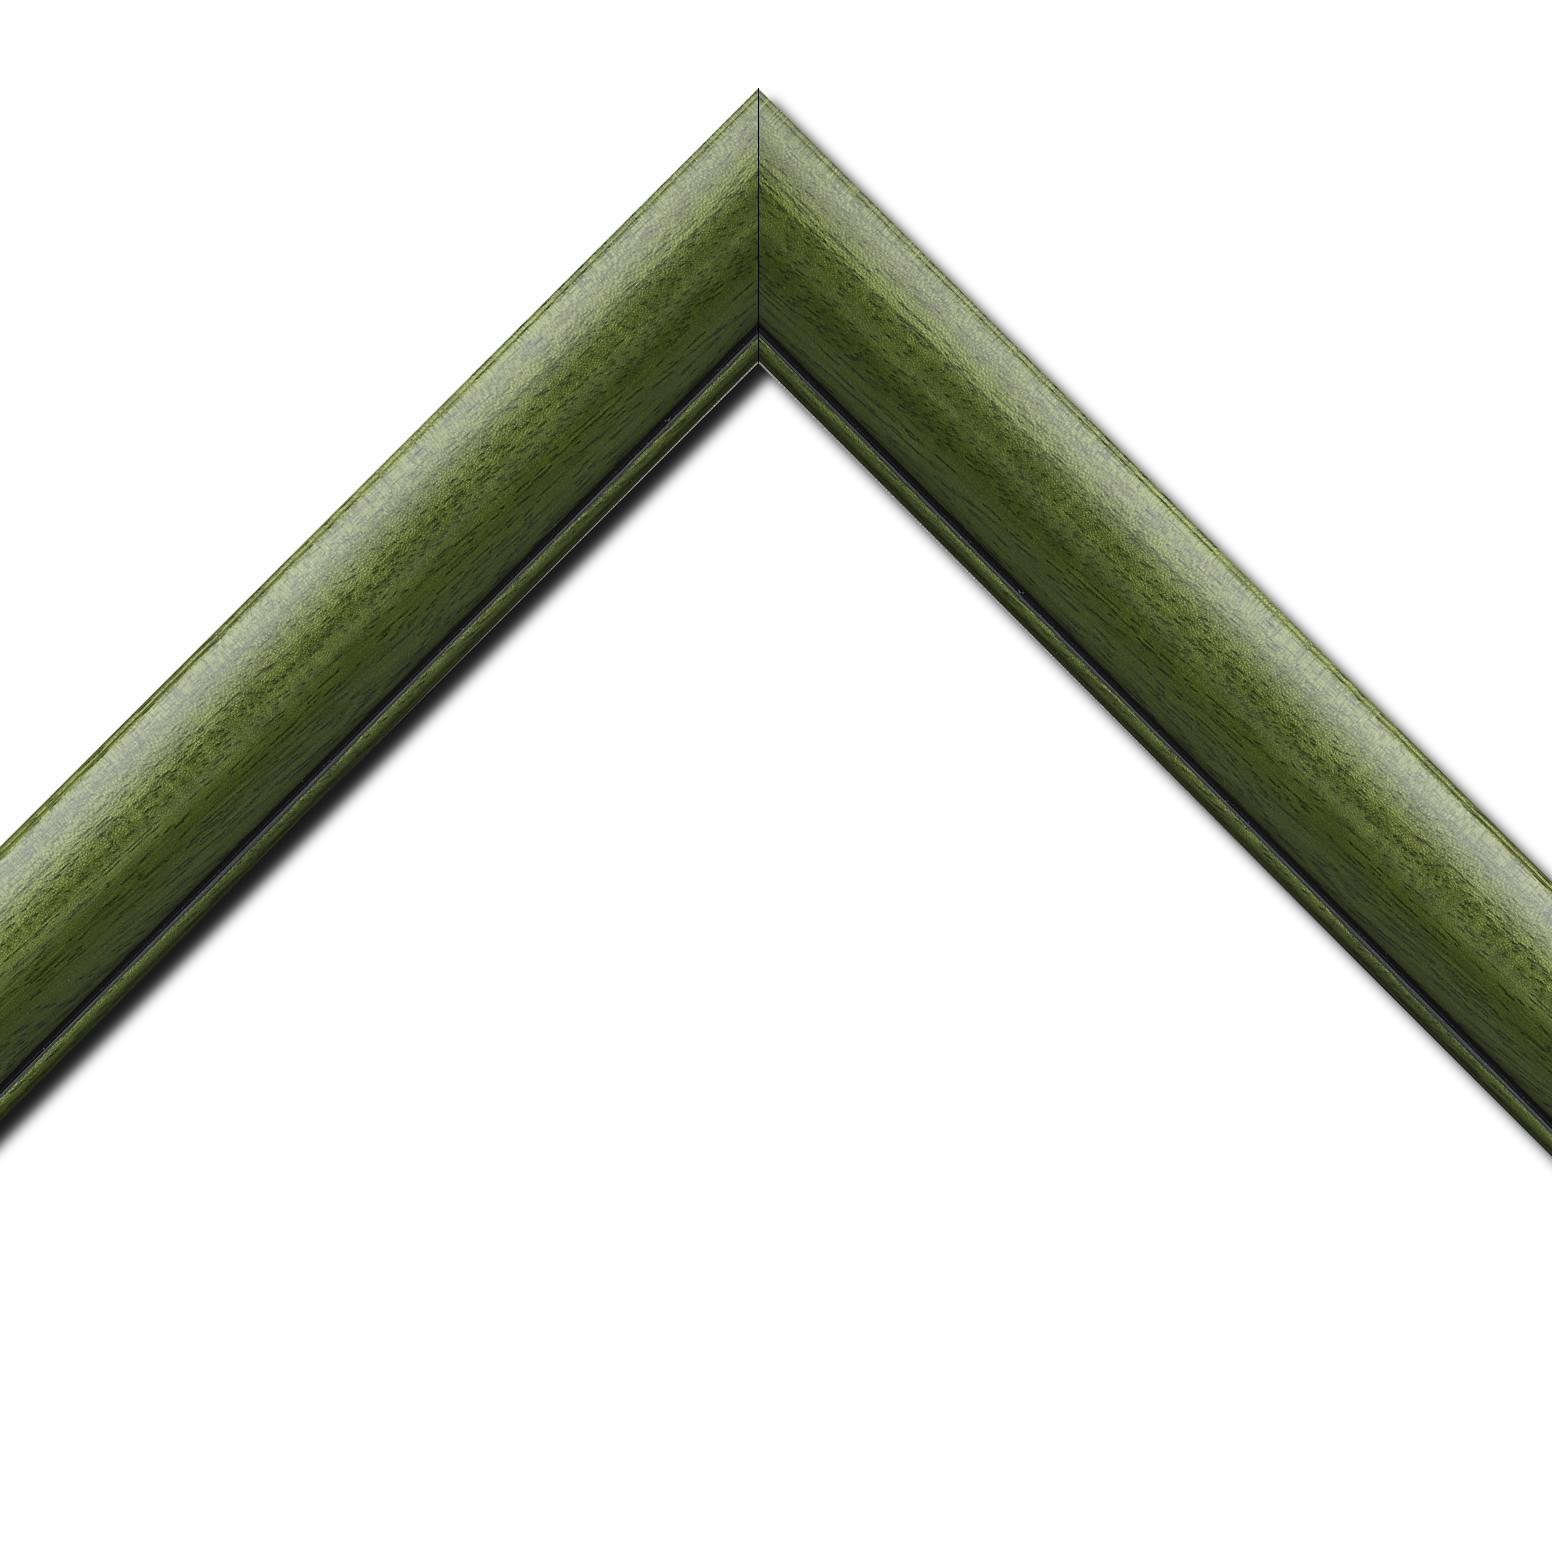 Baguette bois profil arrondi largeur 4.7cm couleur vert sapin satiné rehaussé d'un filet noir